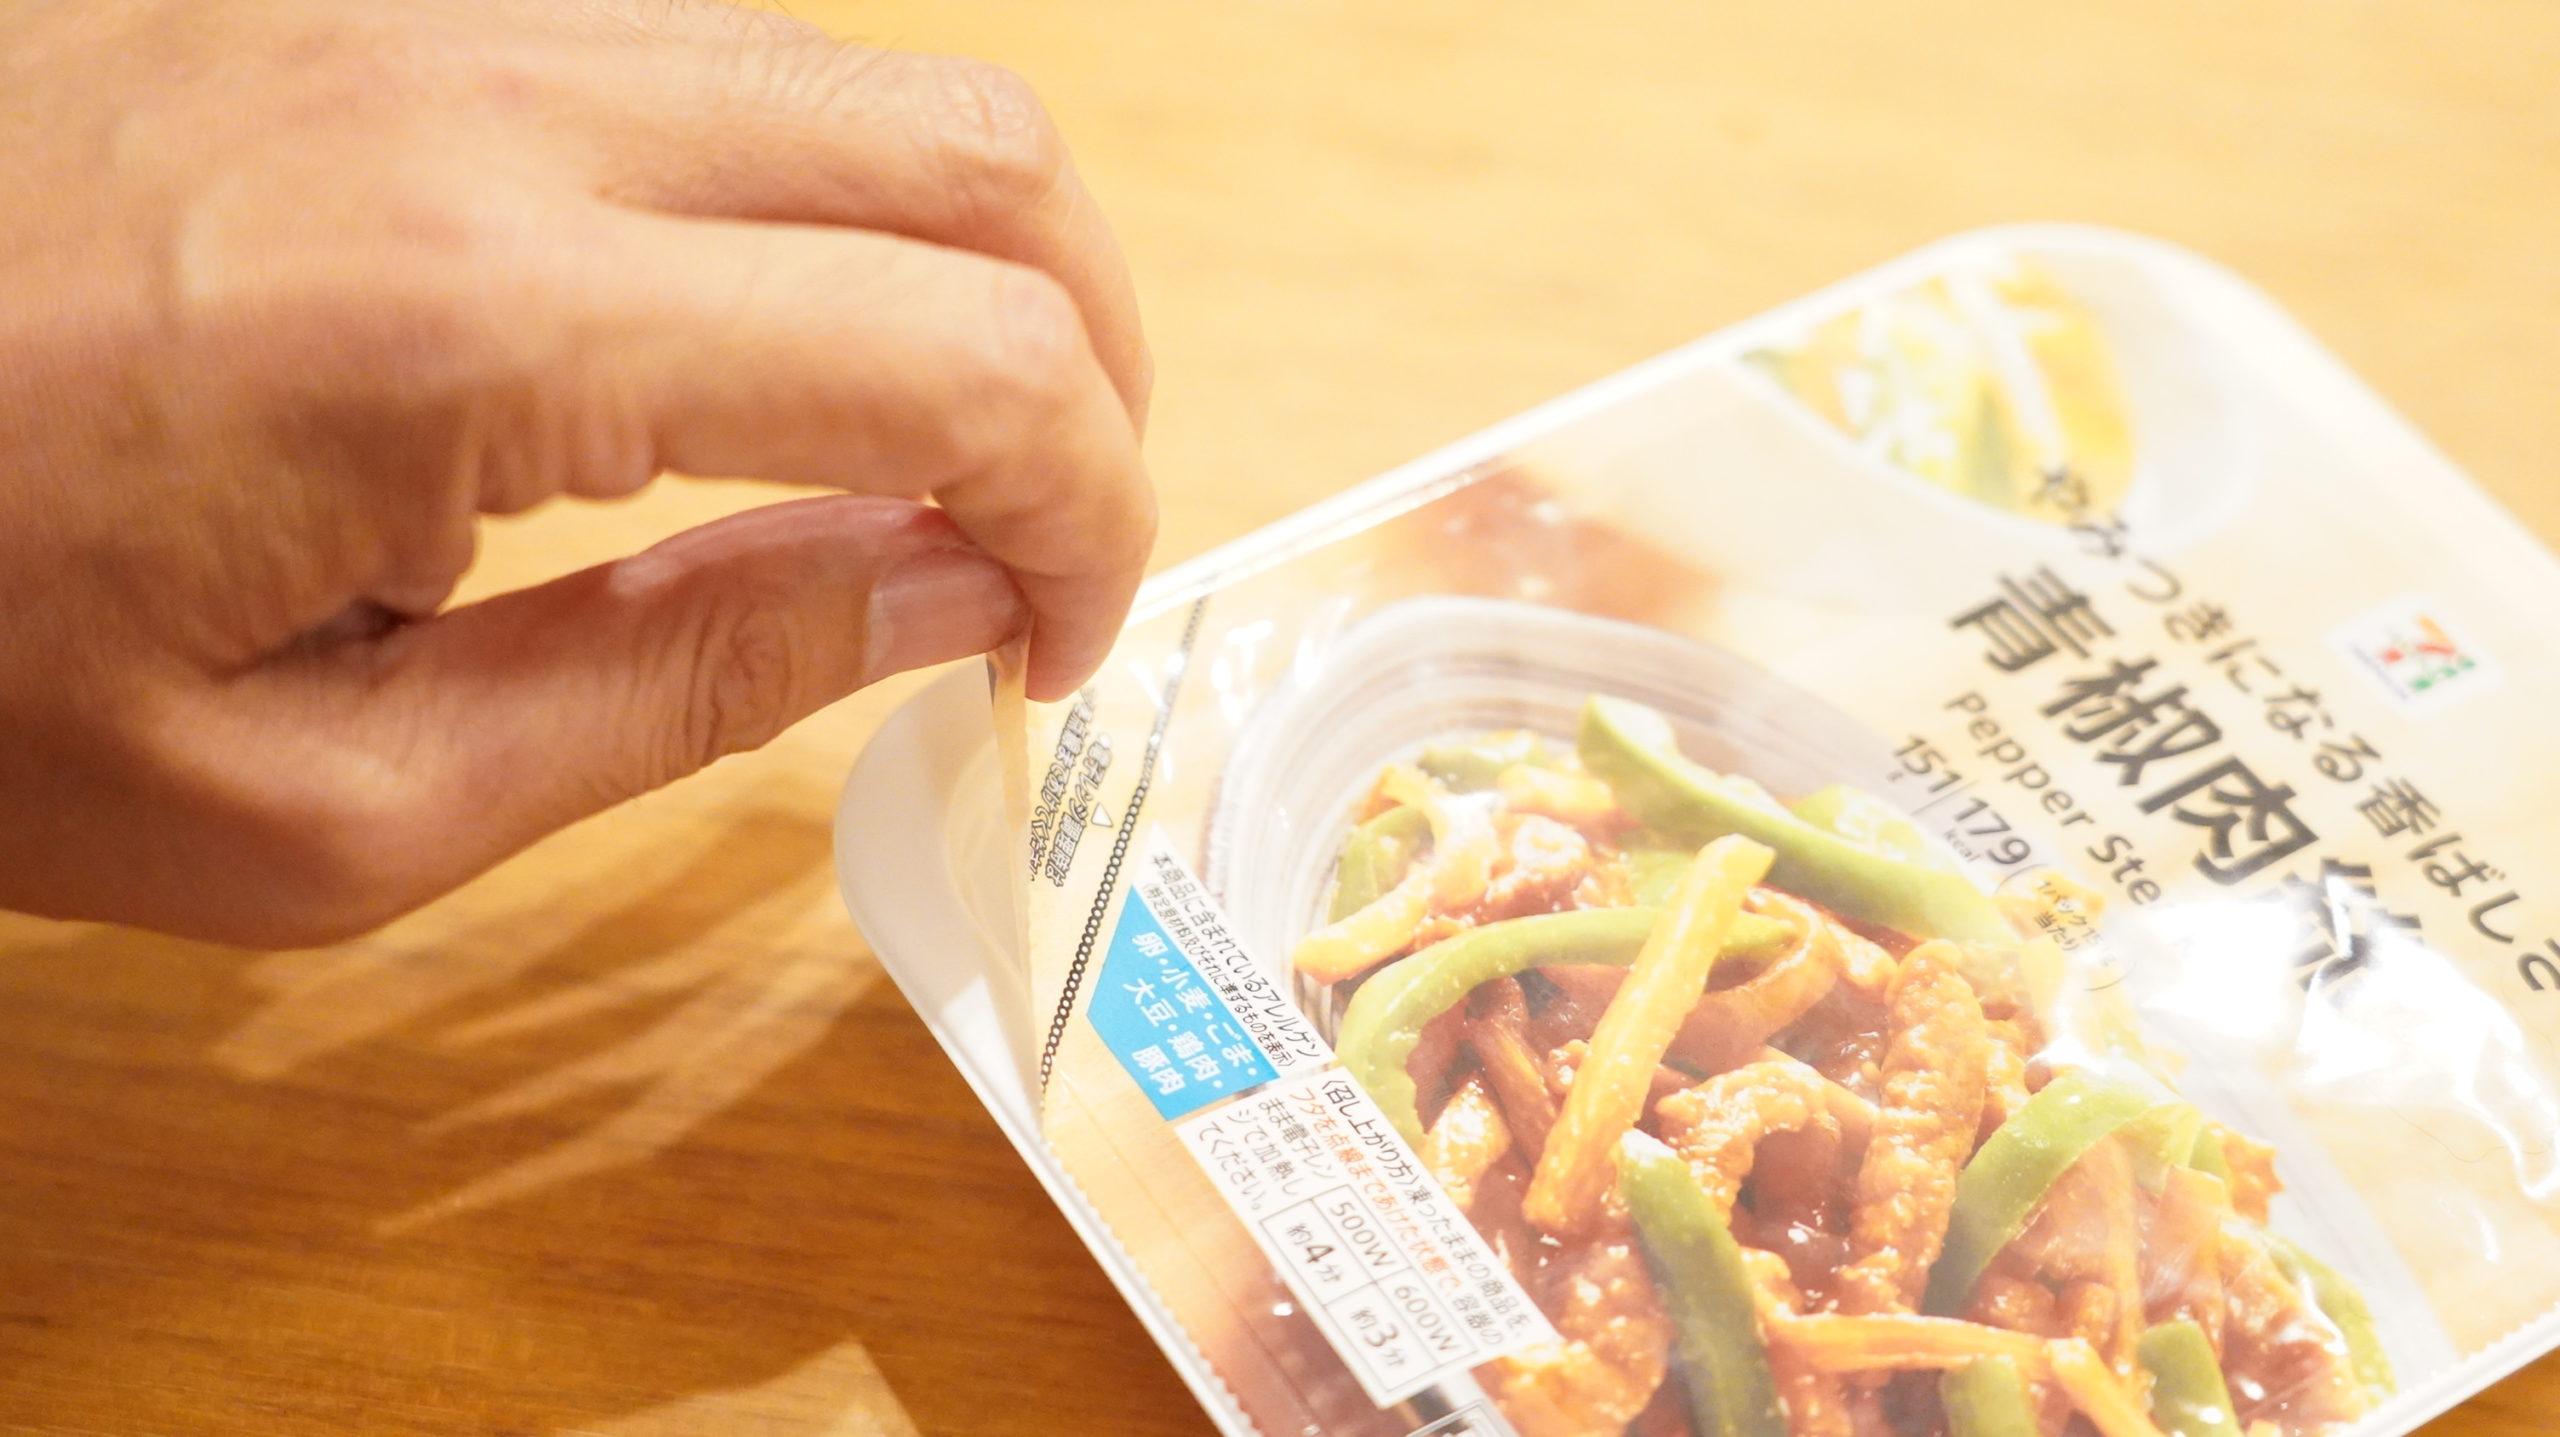 セブンイレブンの冷凍食品「やみつきになる香ばしさ・青椒肉絲(チンジャオロースー」のフタを点線まではがしている写真